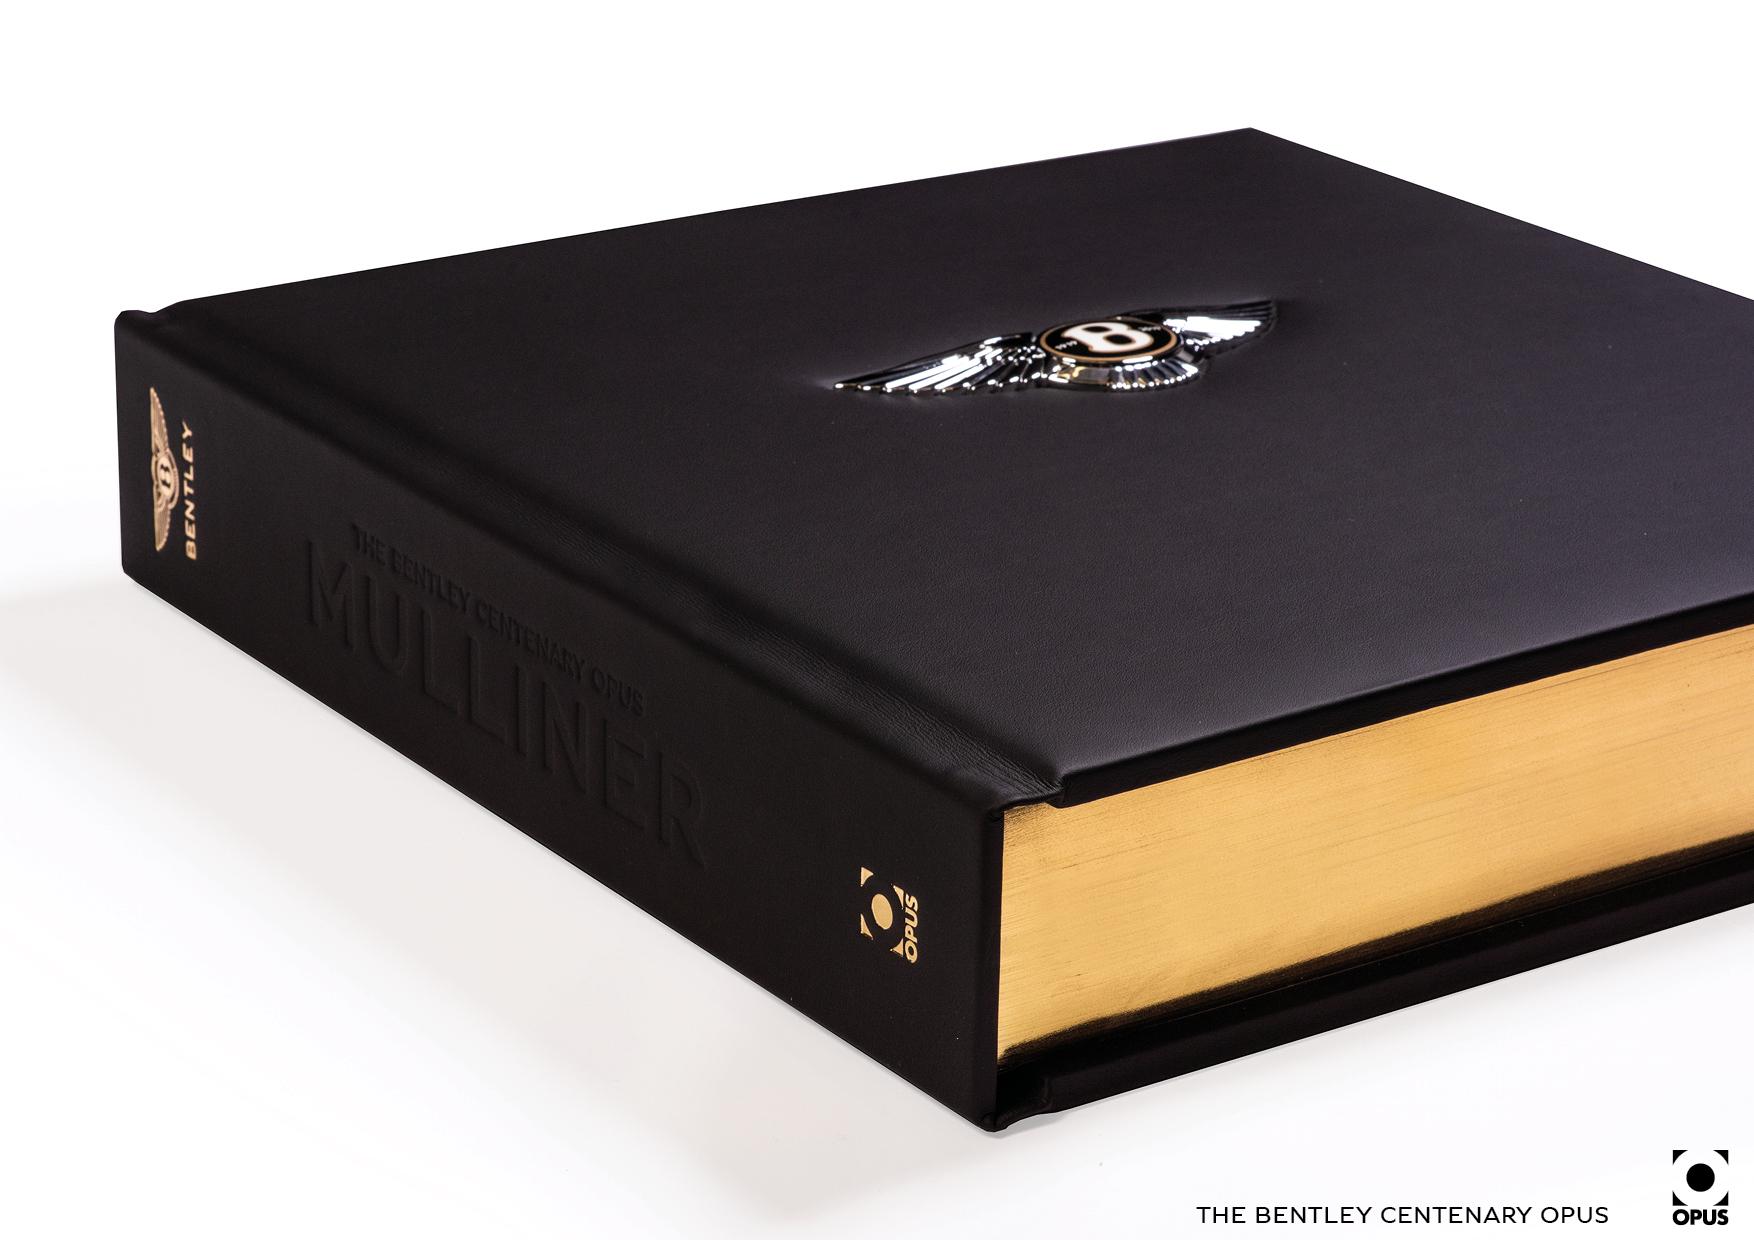 Bentley_Centenary_Opus_book_0003